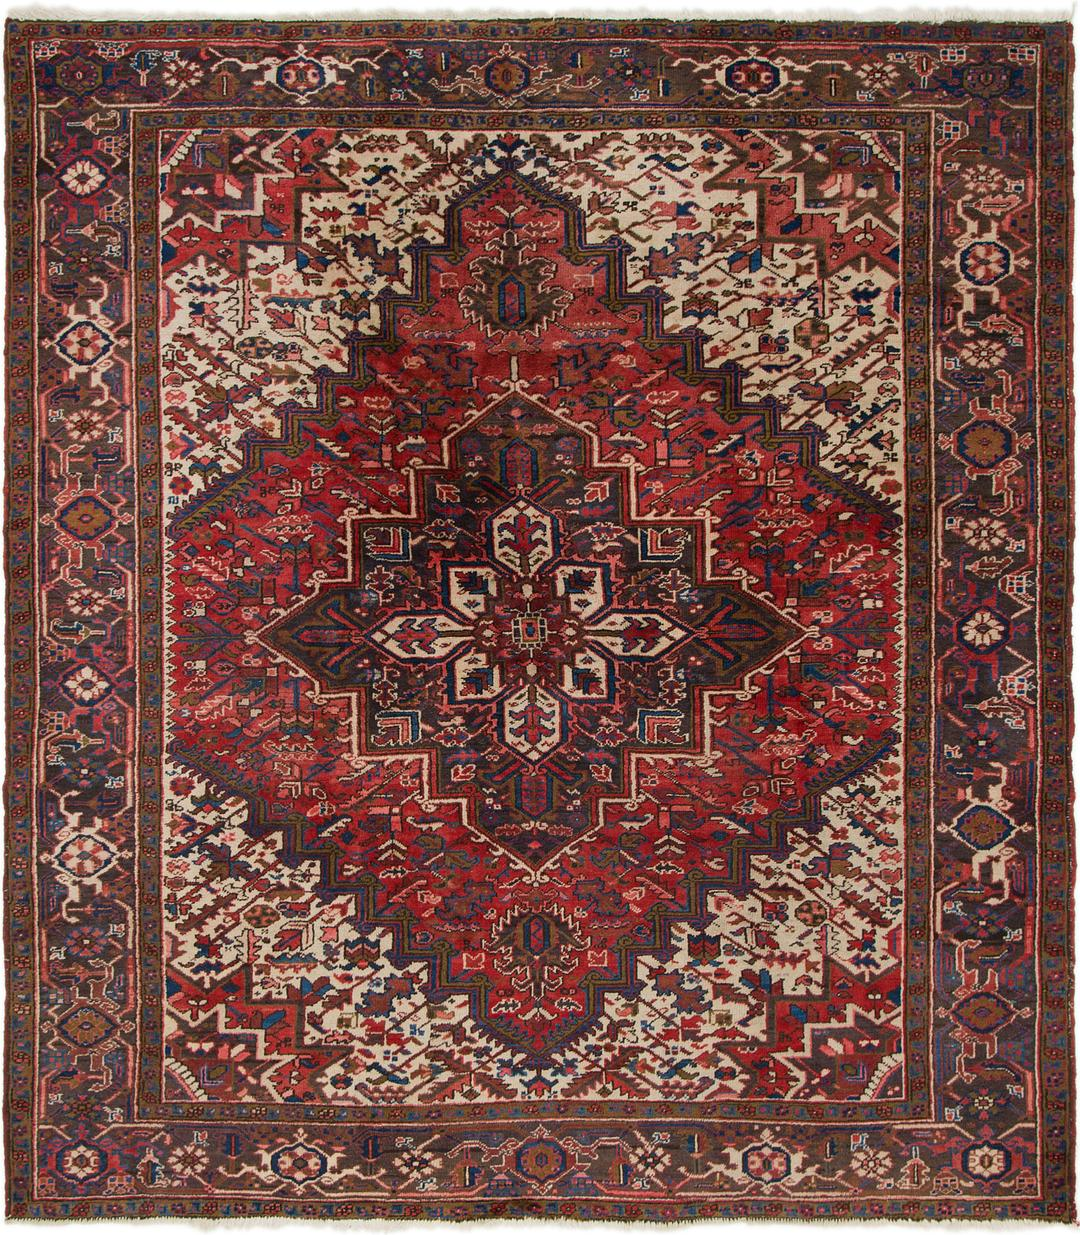 Red 7 8 X 8 9 Heriz Persian Square Rug Persian Rugs